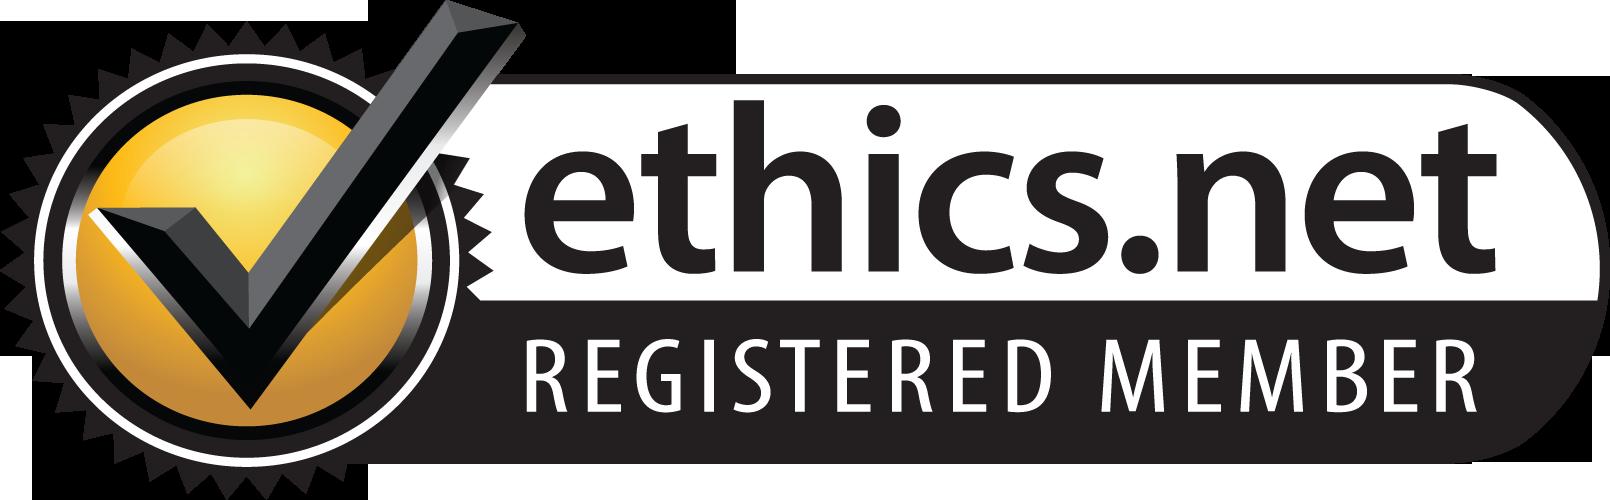 registered-member-printable-logo-1610x500